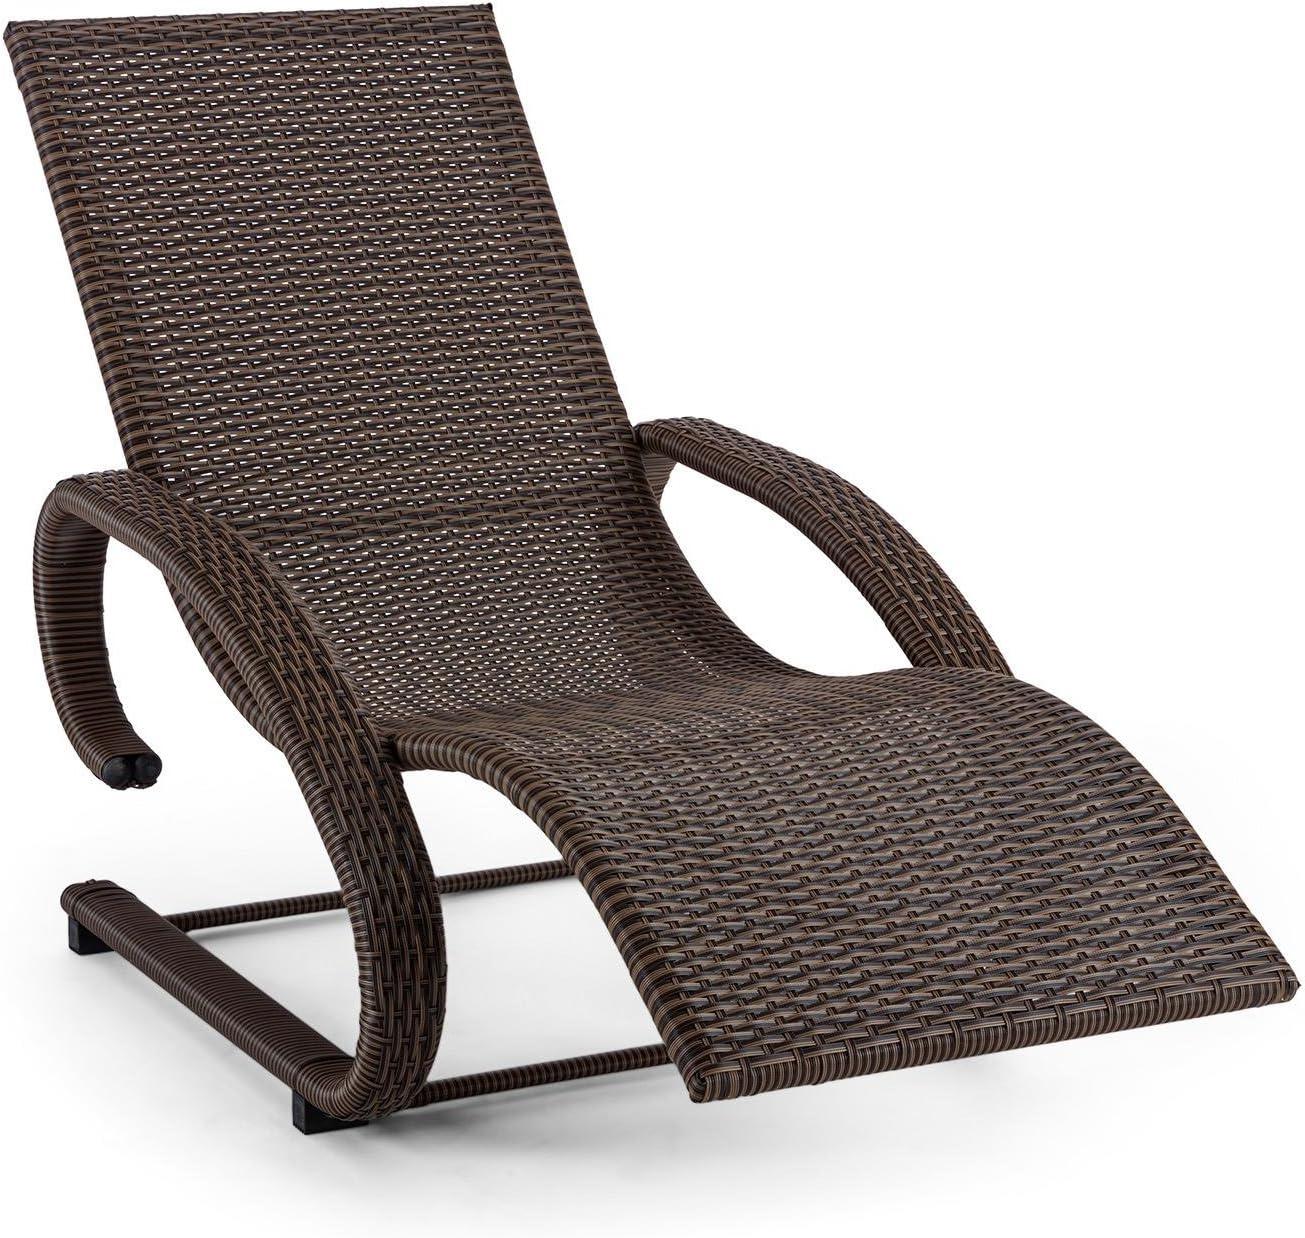 73 cm breit Relaxliege Schwingliege witterungsbest/ändig Gartenliege Rattan-Optik ergonomisch wasserresistent Sonnenliege grau schmutzabweisend blumfeldt Daybreak 100 kg max